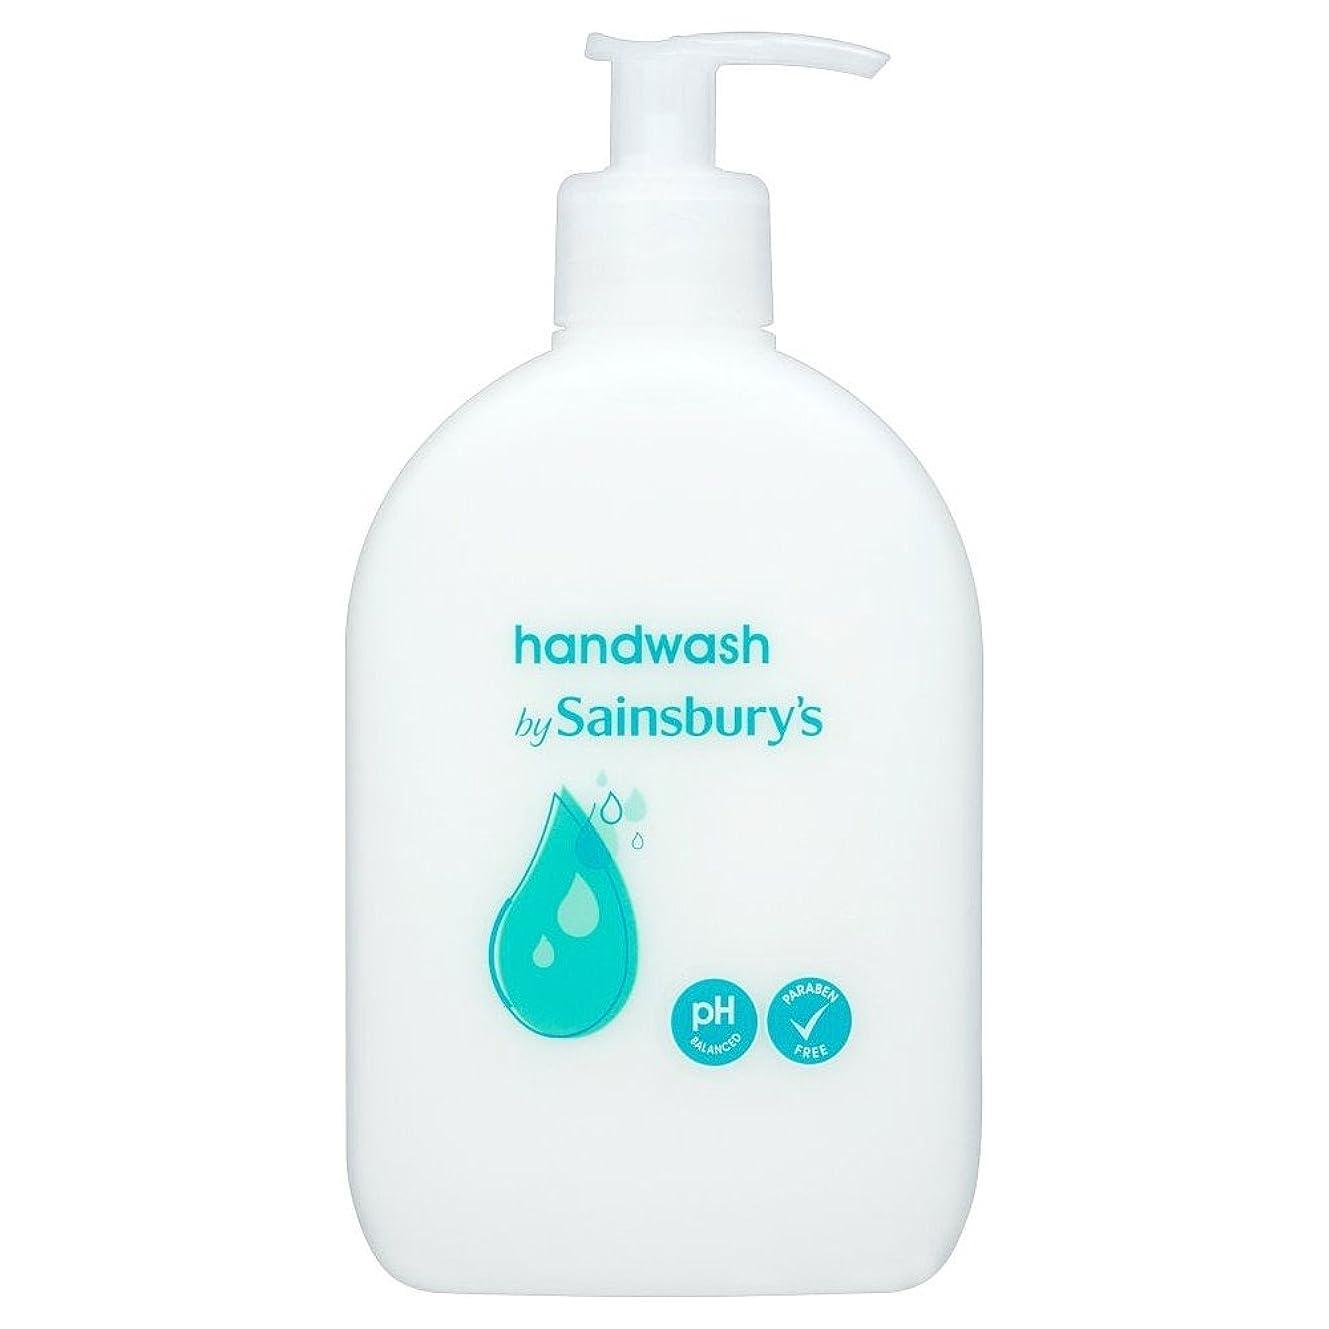 保存団結する返済Sainsbury's Handwash, White 500ml (Pack of 4) - (Sainsbury's) 手洗い、白500ミリリットル (x4) [並行輸入品]